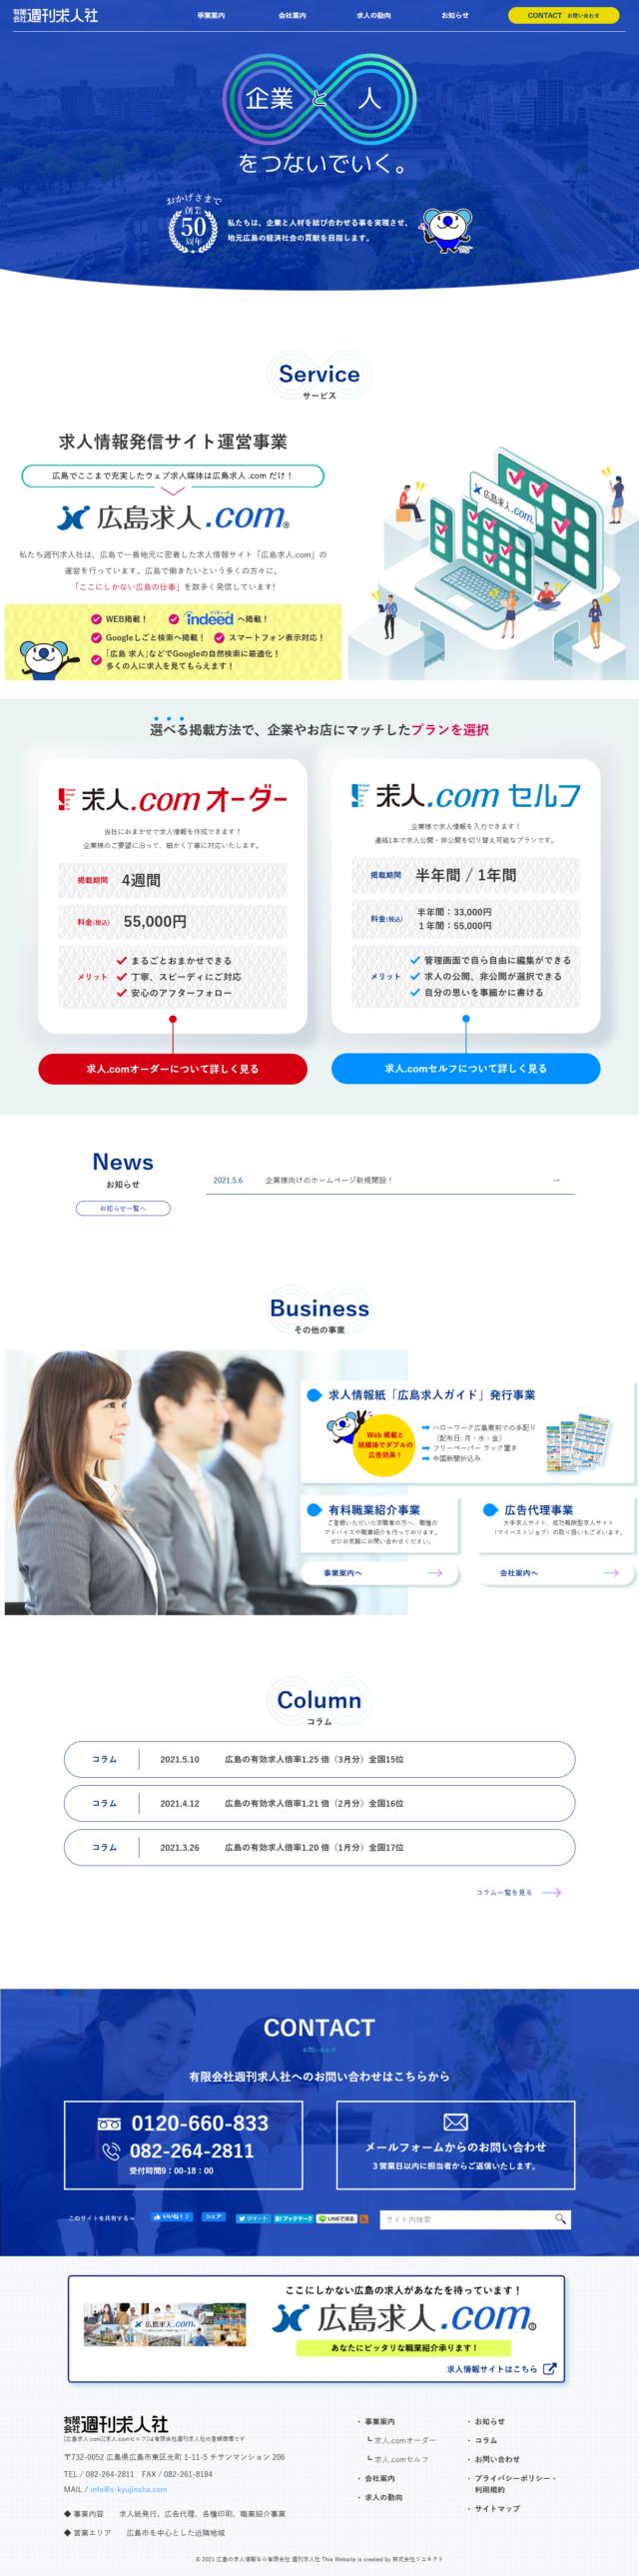 広島県広島市 求人情報発信サイト運営、求人紙発行、広告代理の有限会社 週刊求人社 様